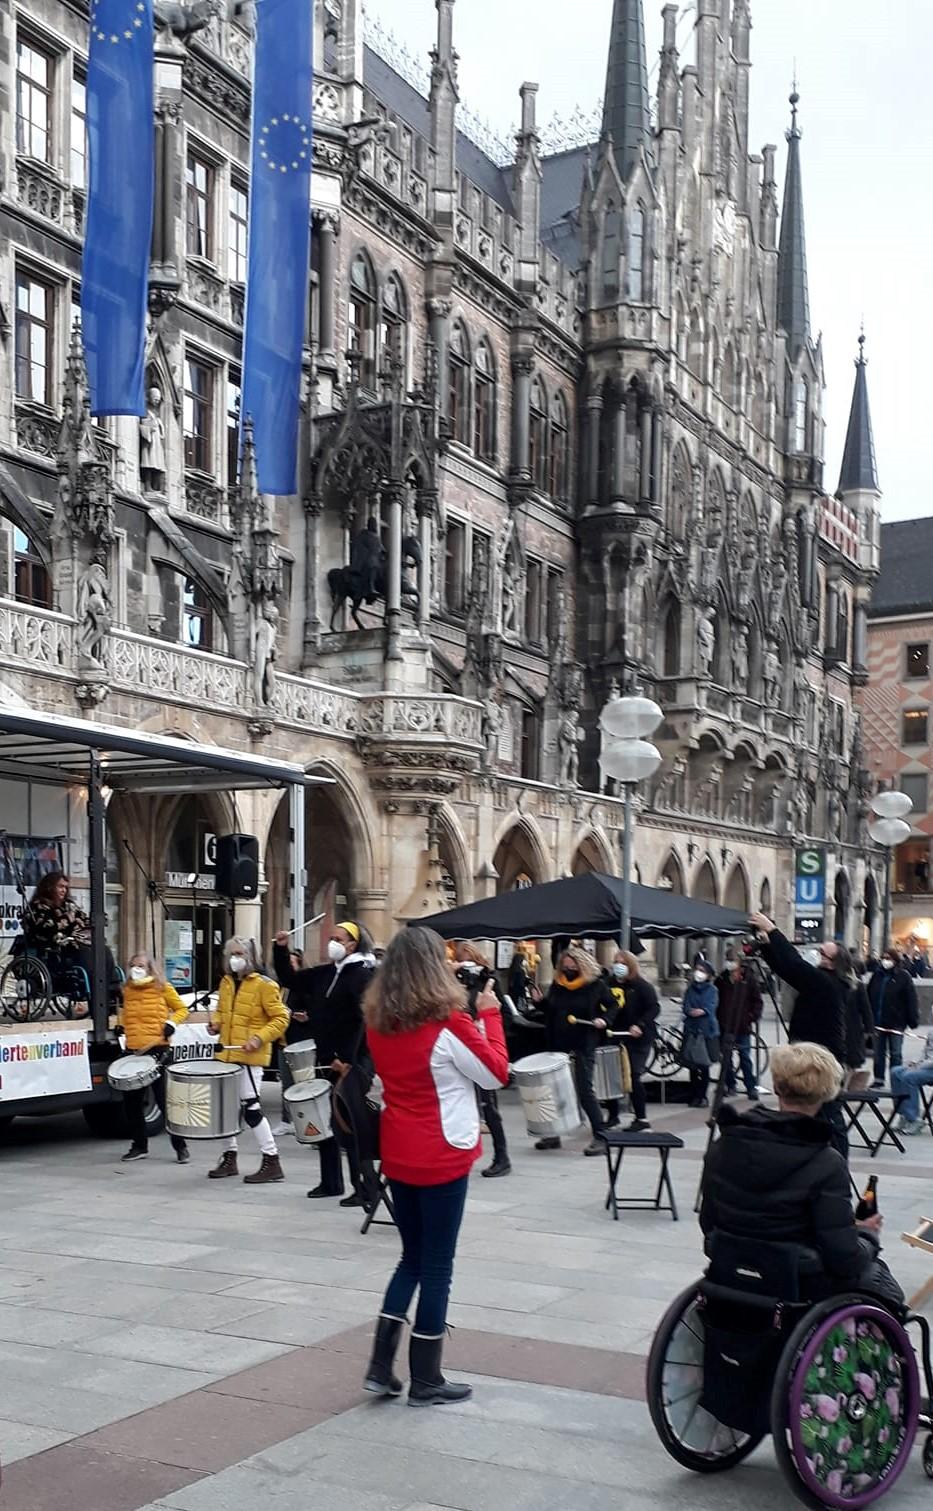 Demo auf dem Marienplatz in München